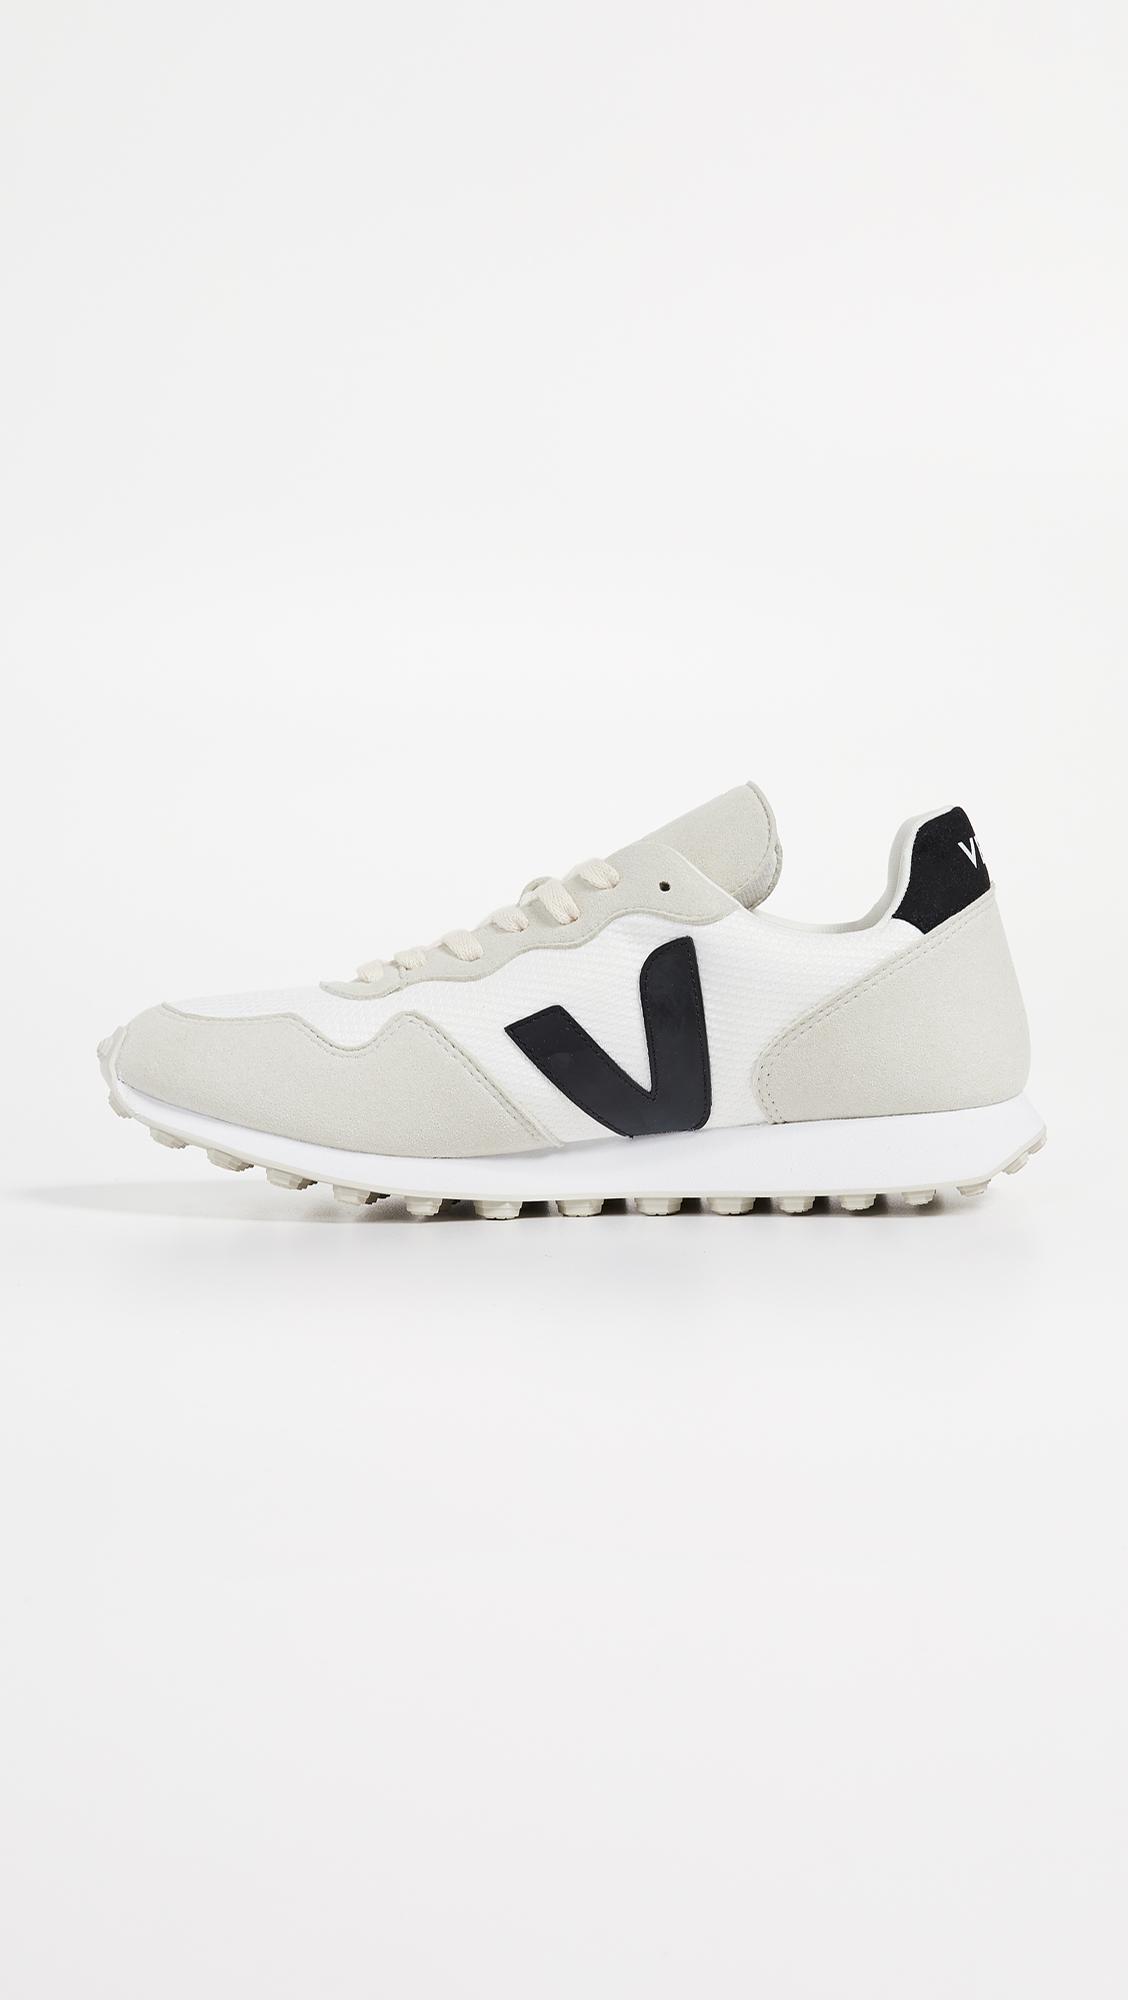 Dane SneakersEast Sdu Hexa Veja Veja SneakersEast Sdu Hexa 7yb6Yfg